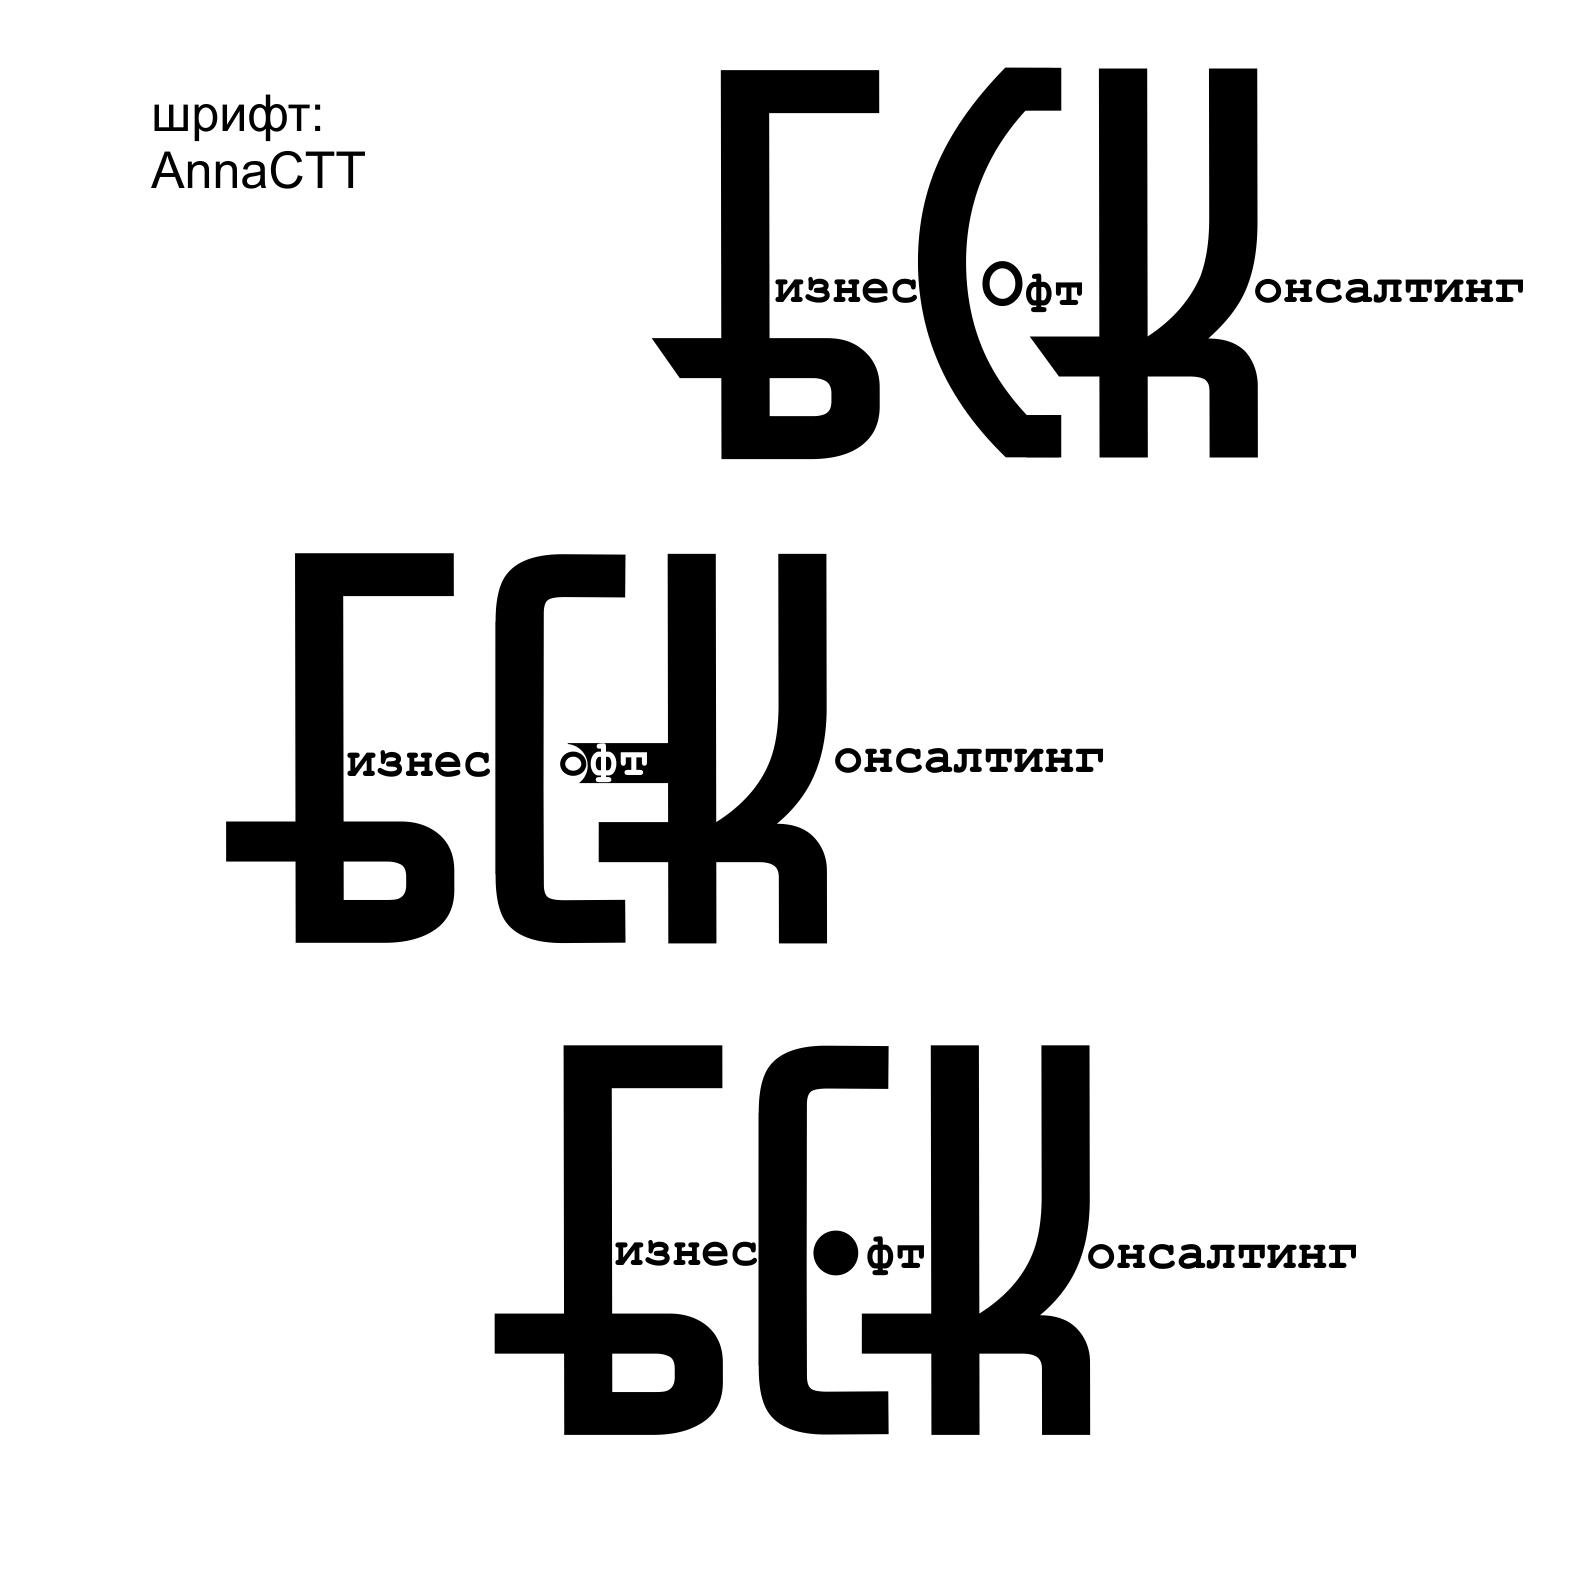 Разработать логотип со смыслом для компании-разработчика ПО фото f_504ebb6c25685.png